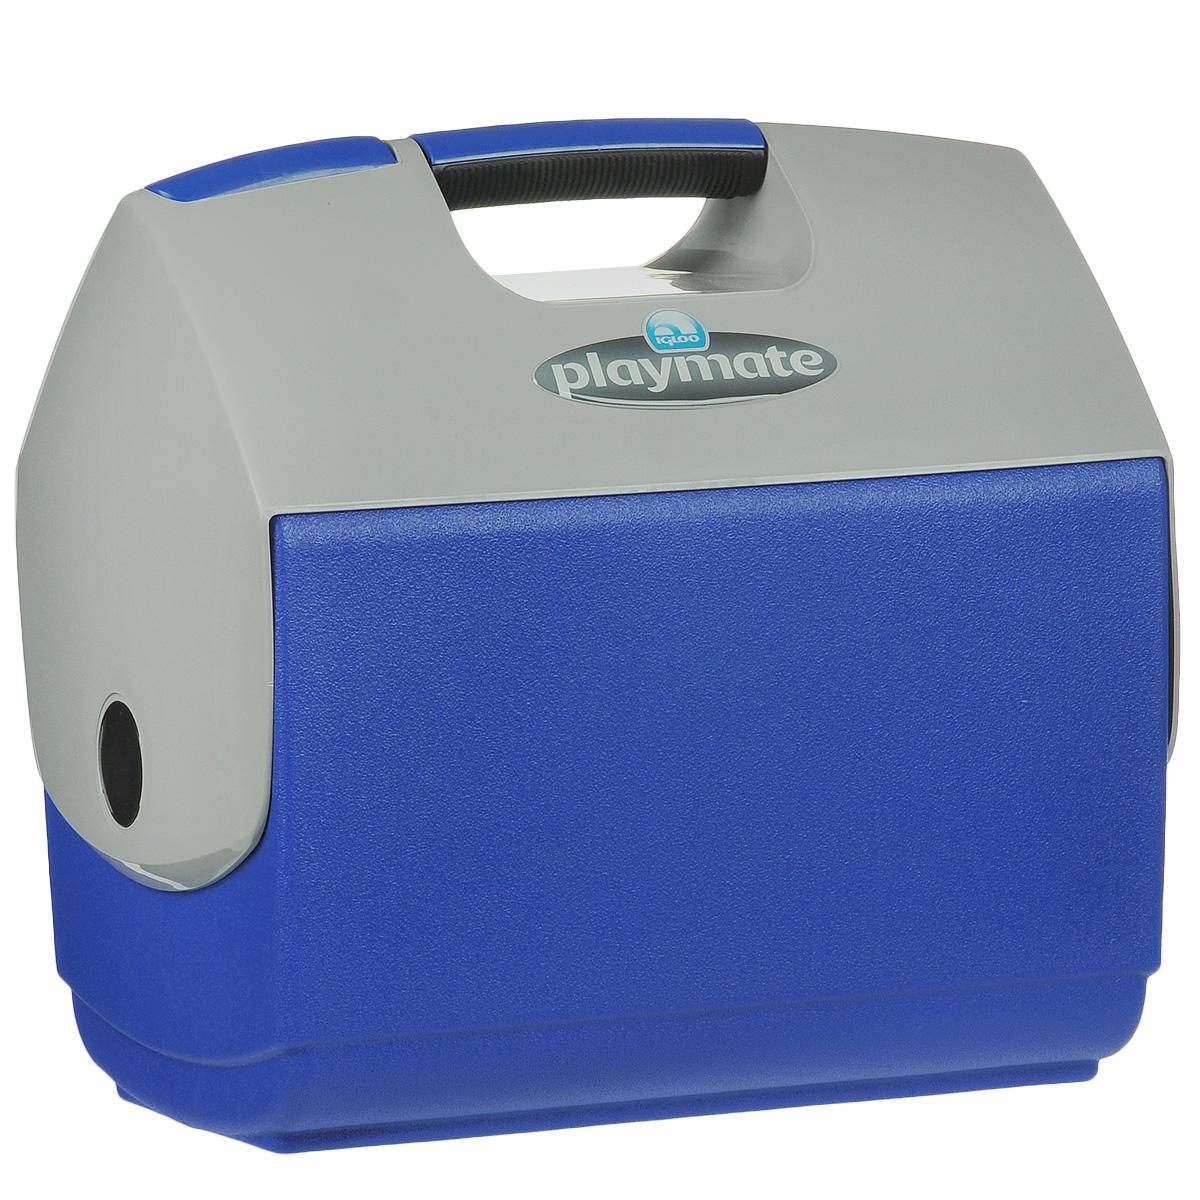 Изотермический контейнер Igloo Playmate Elite, цвет: синий, 15 л43231Легкий и прочный изотермический контейнер Igloo Playmate Elite, изготовленный из высококачественного пластика, предназначен для транспортировки и хранения продуктов и напитков. Корпус гладкий, эргономичного дизайна, ударопрочный. Поддержание внутреннего микроклимата обеспечивается за счет термоизоляционной прокладки из пены Ultra Therm, способной удерживать температуру внутри корпуса до 24 часов. Для поддержания температуры рекомендуется использовать аккумуляторы холода (в комплект не входят). Контейнер имеет удобную ручку и распахивающуюся крышку для легкого доступа к продуктам. Крышка плотно и герметично закрывается. Оригинальный замок на крышке Playmate-Realise позволяет открывать контейнер одной рукой.Такой контейнер можно взять с собой куда угодно: на отдых, пикник, кемпинг, на дачу, на рыбалку или охоту и т.д. Идеальный вариант для отдыха на природе.